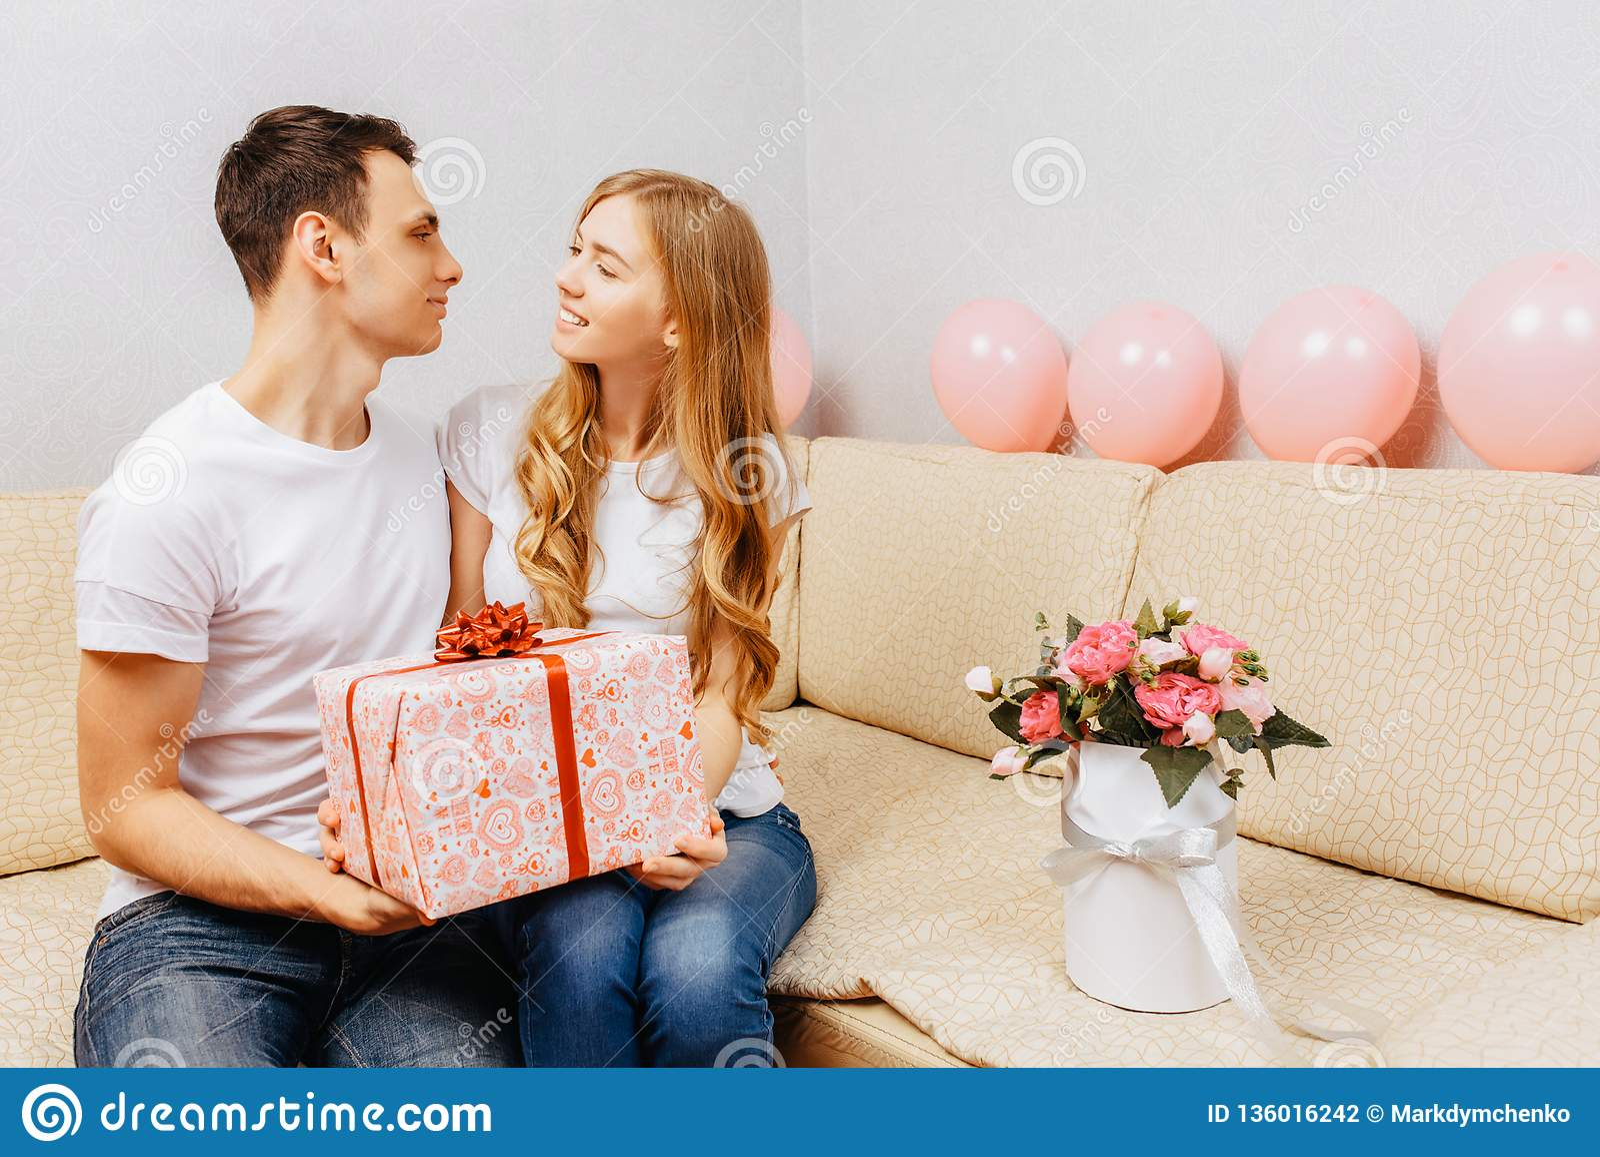 Пара в любов, человек дает подарок, женщину сидит дома на софе, концепции дня женщин